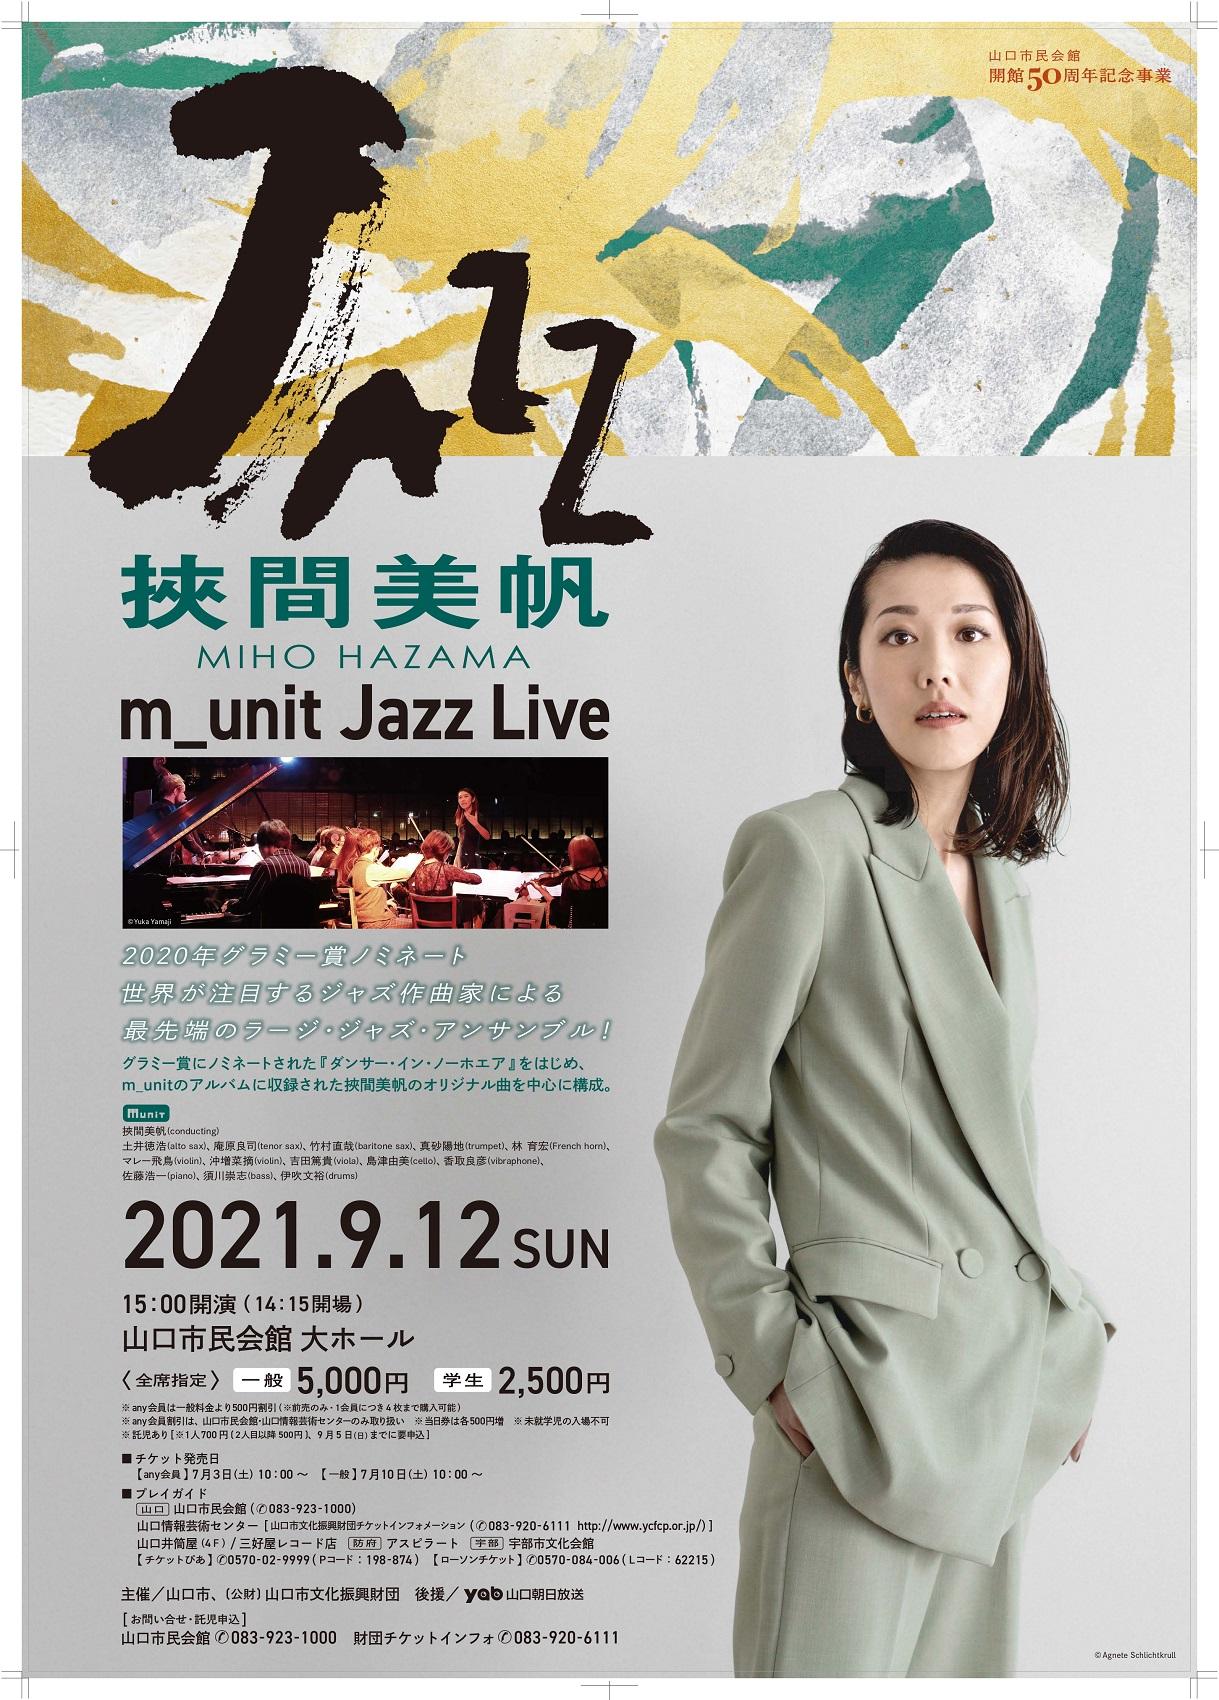 画像:【公演延期】<br>山口市民会館開館50周年記念事業<br> <strong>挾</strong>間美帆 m_unit Jazz Live